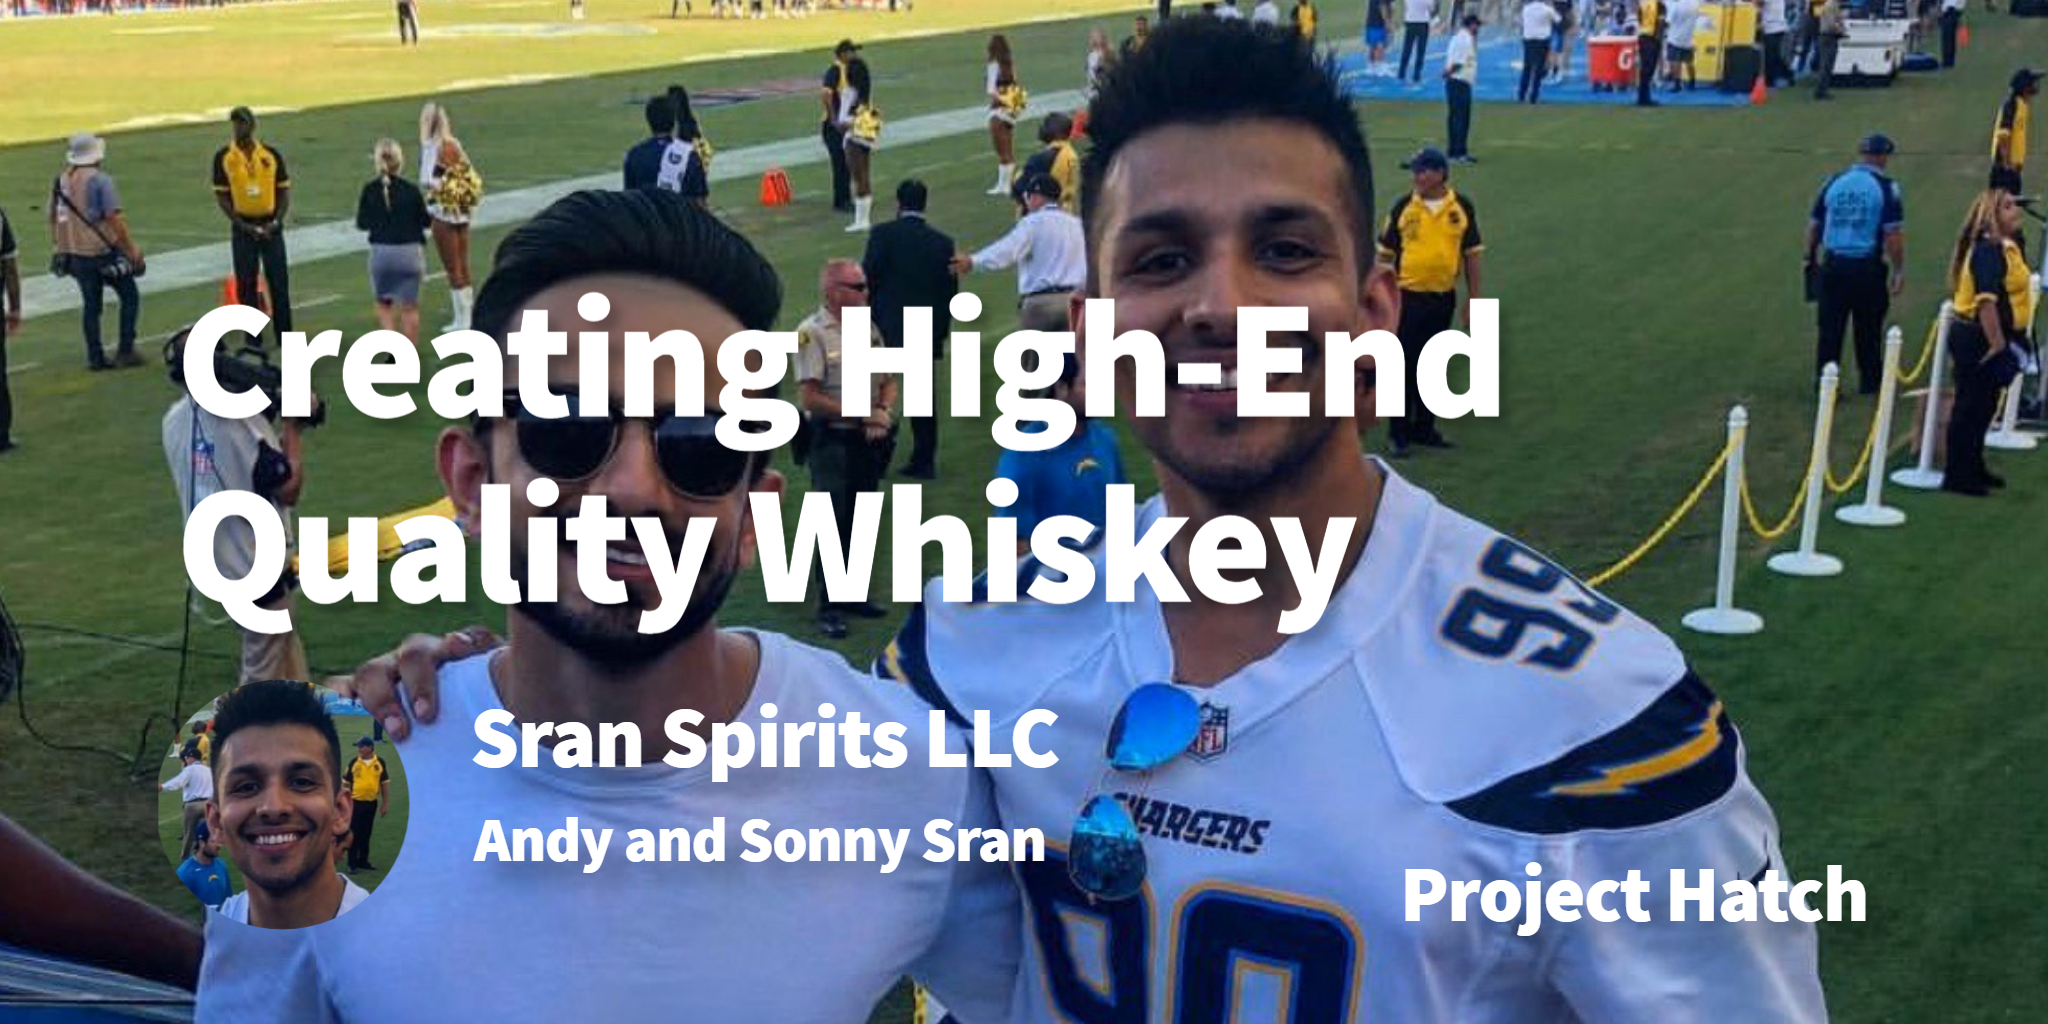 Sran Spirits LLC Andy and Sonny Sran